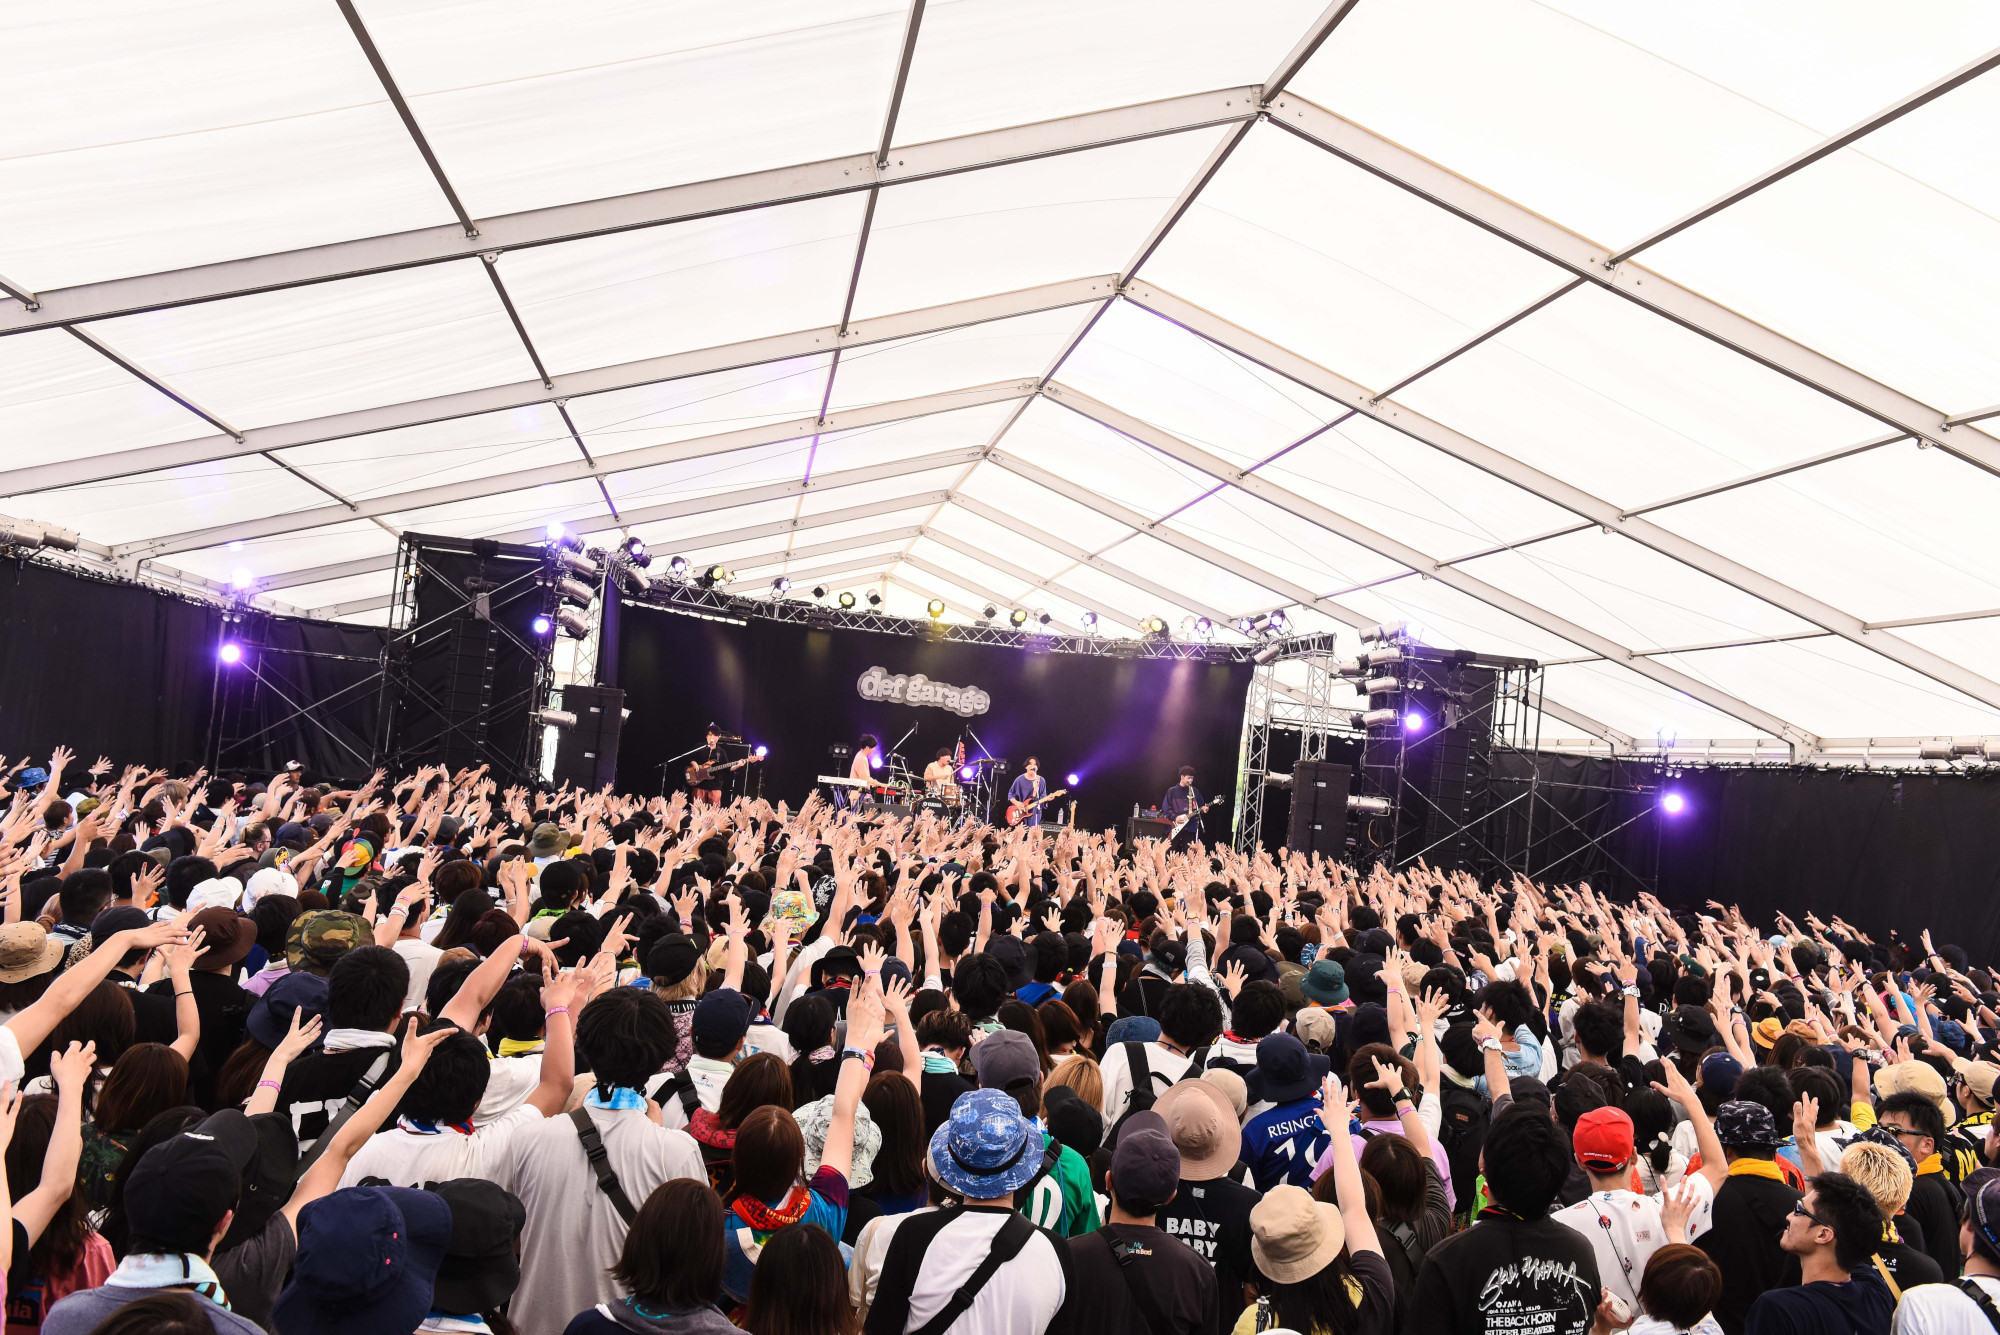 マカロニえんぴつ (C)RISING SUN ROCK FESTIVAL  photo by 藤川正典